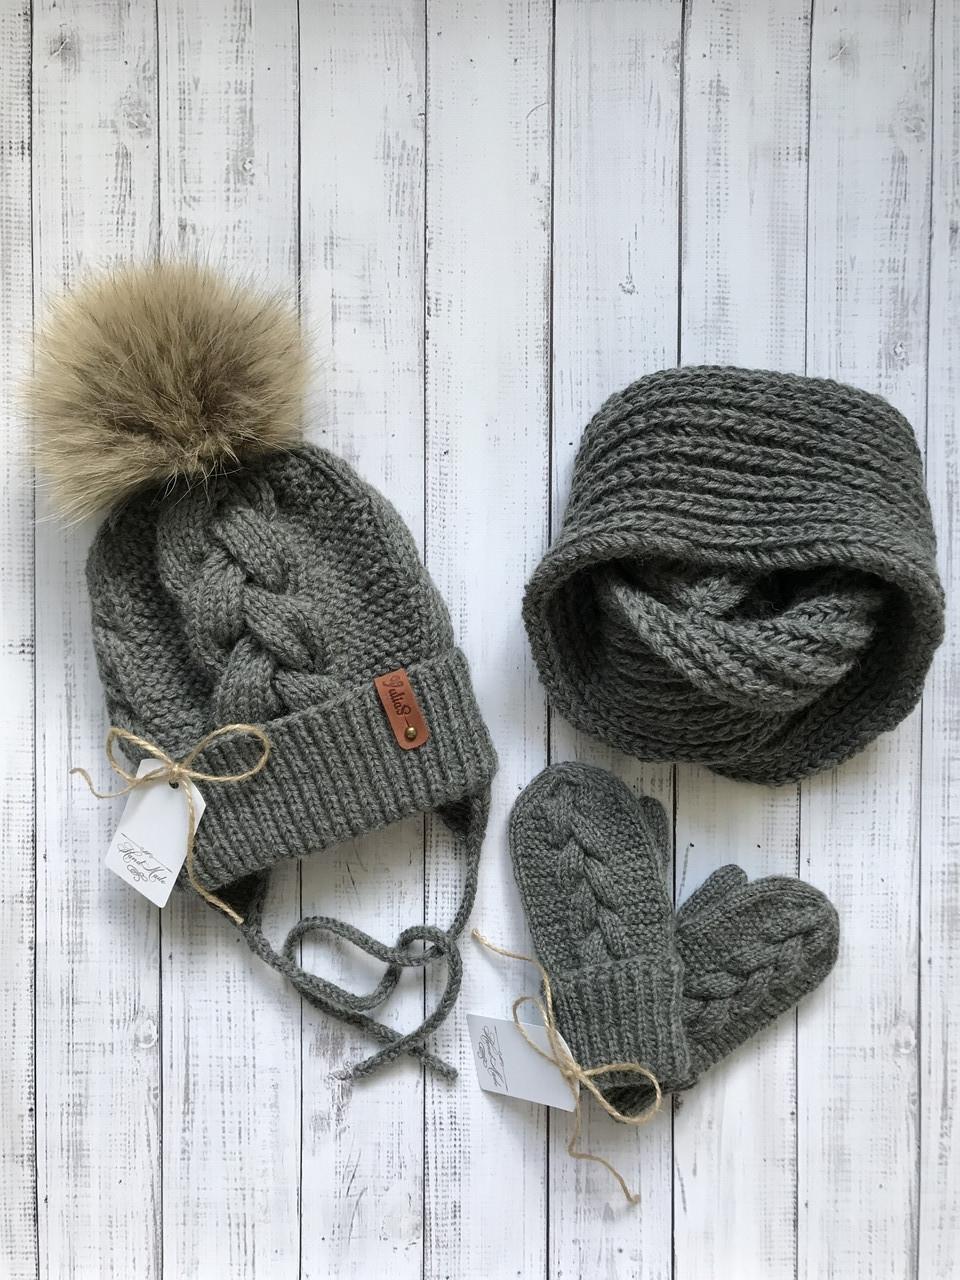 Вязаная шапка и хомут. Ручная вязка.